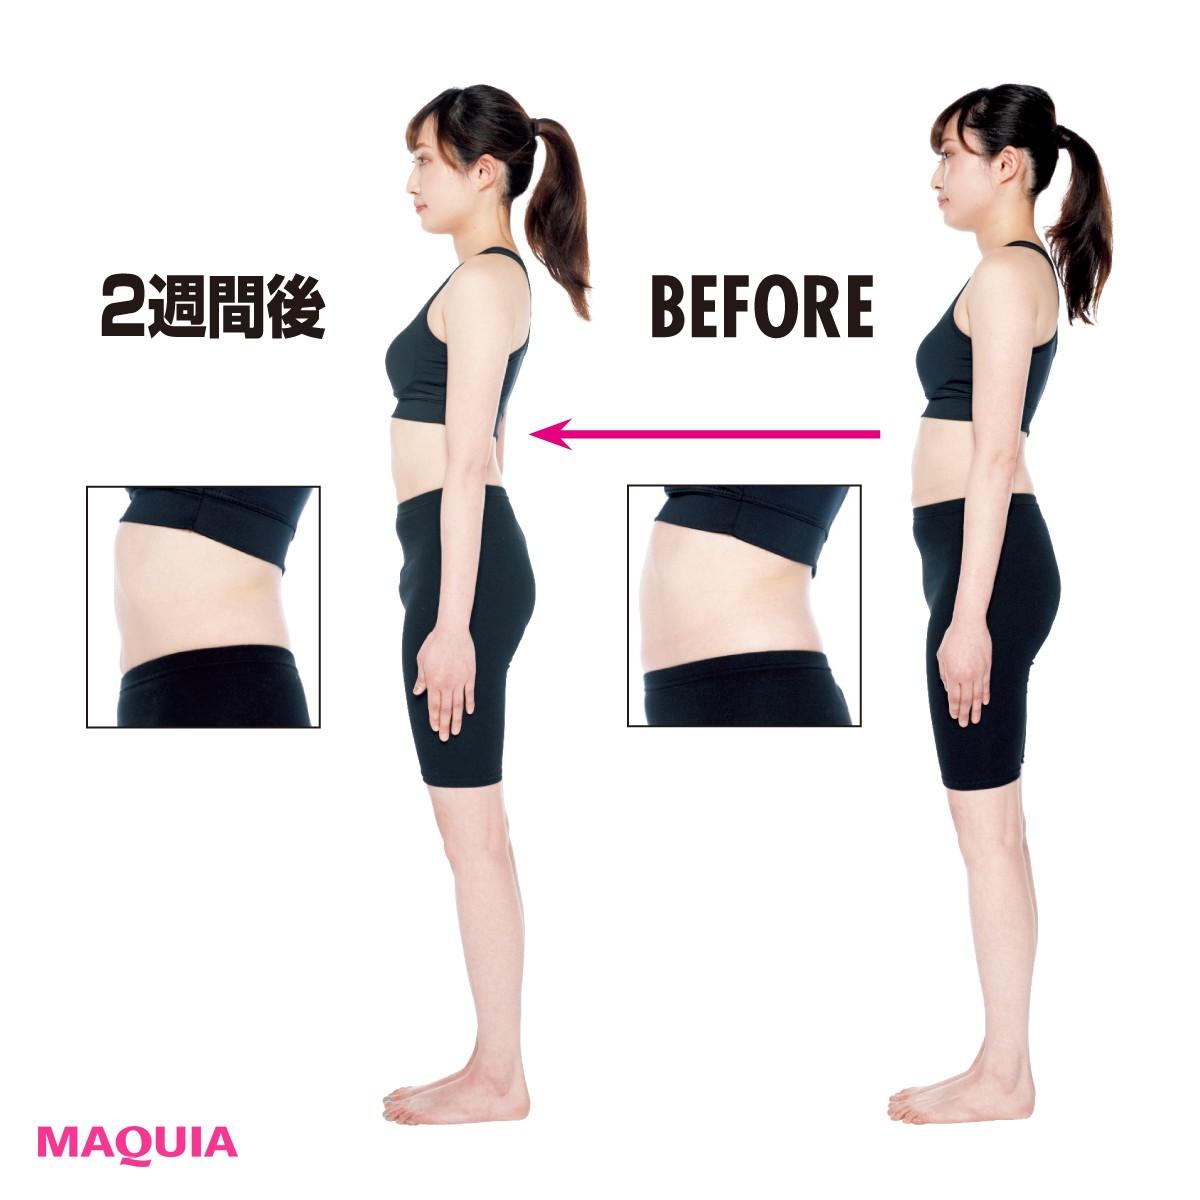 """""""お腹太りタイプ""""に最適なダイエット法はコレ! 筋肉量をUPさせて2週間で本気痩せ"""